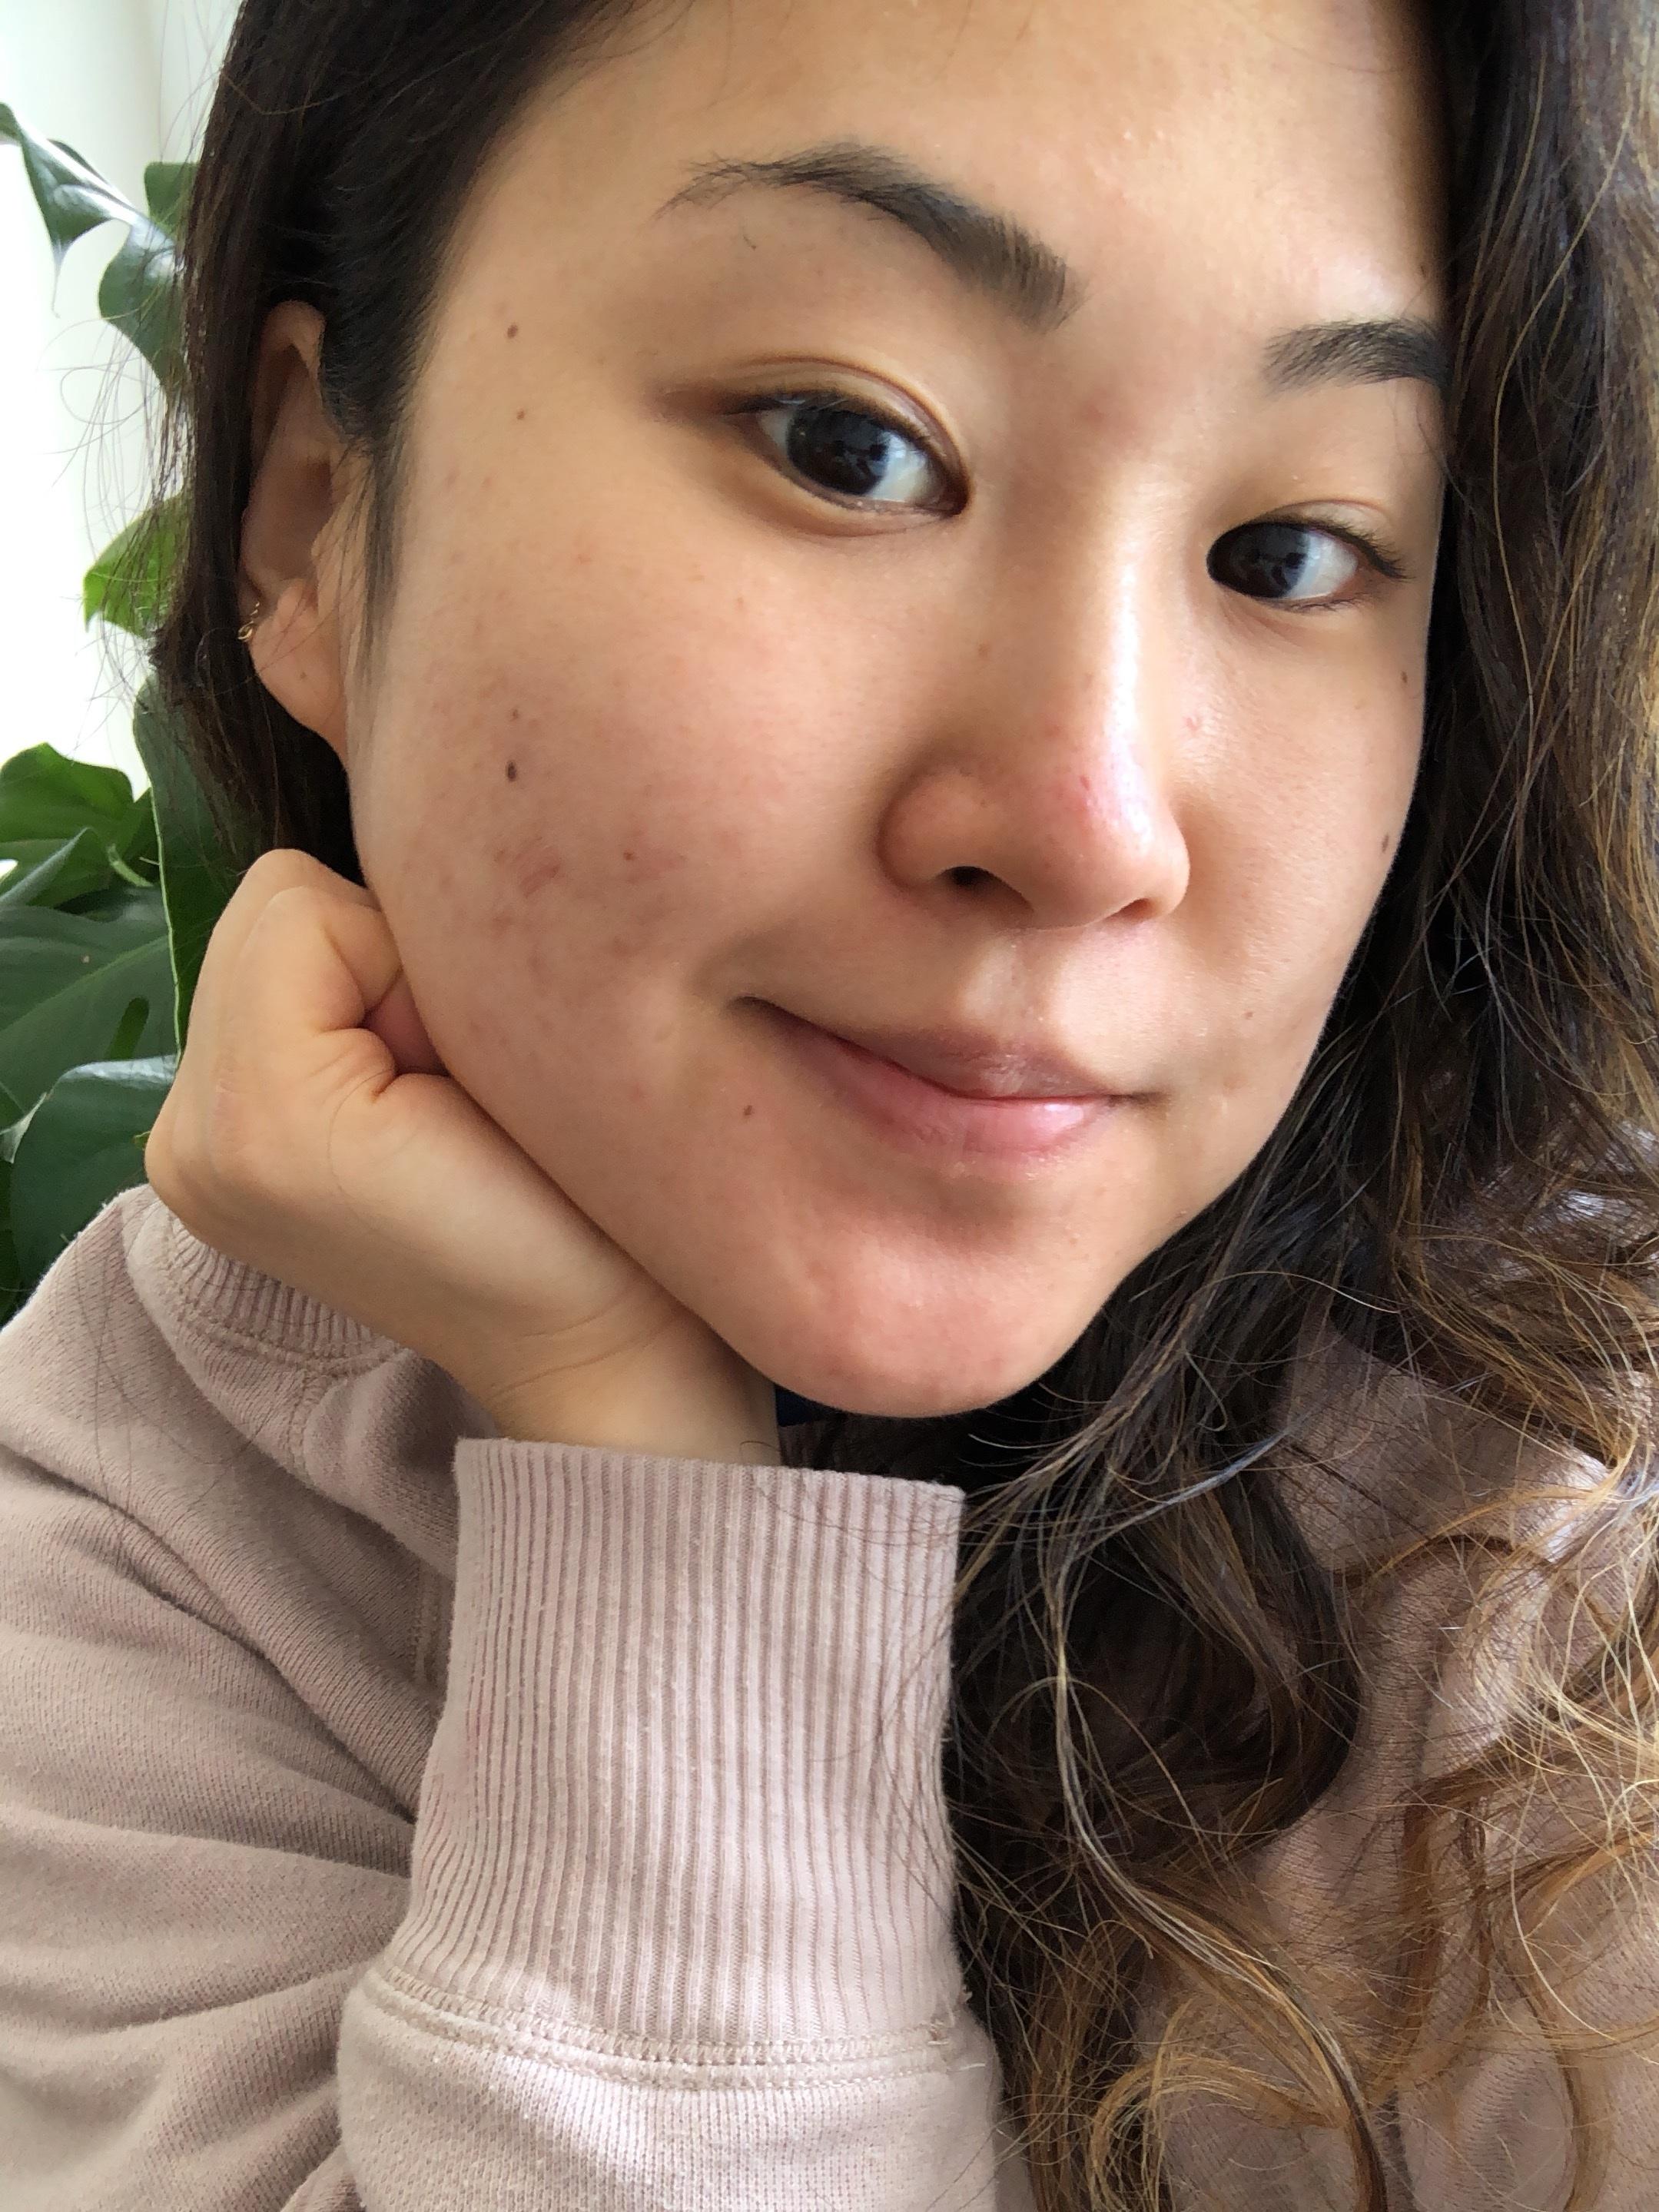 2 Days Ago, February 2019-- no makeup, no editing